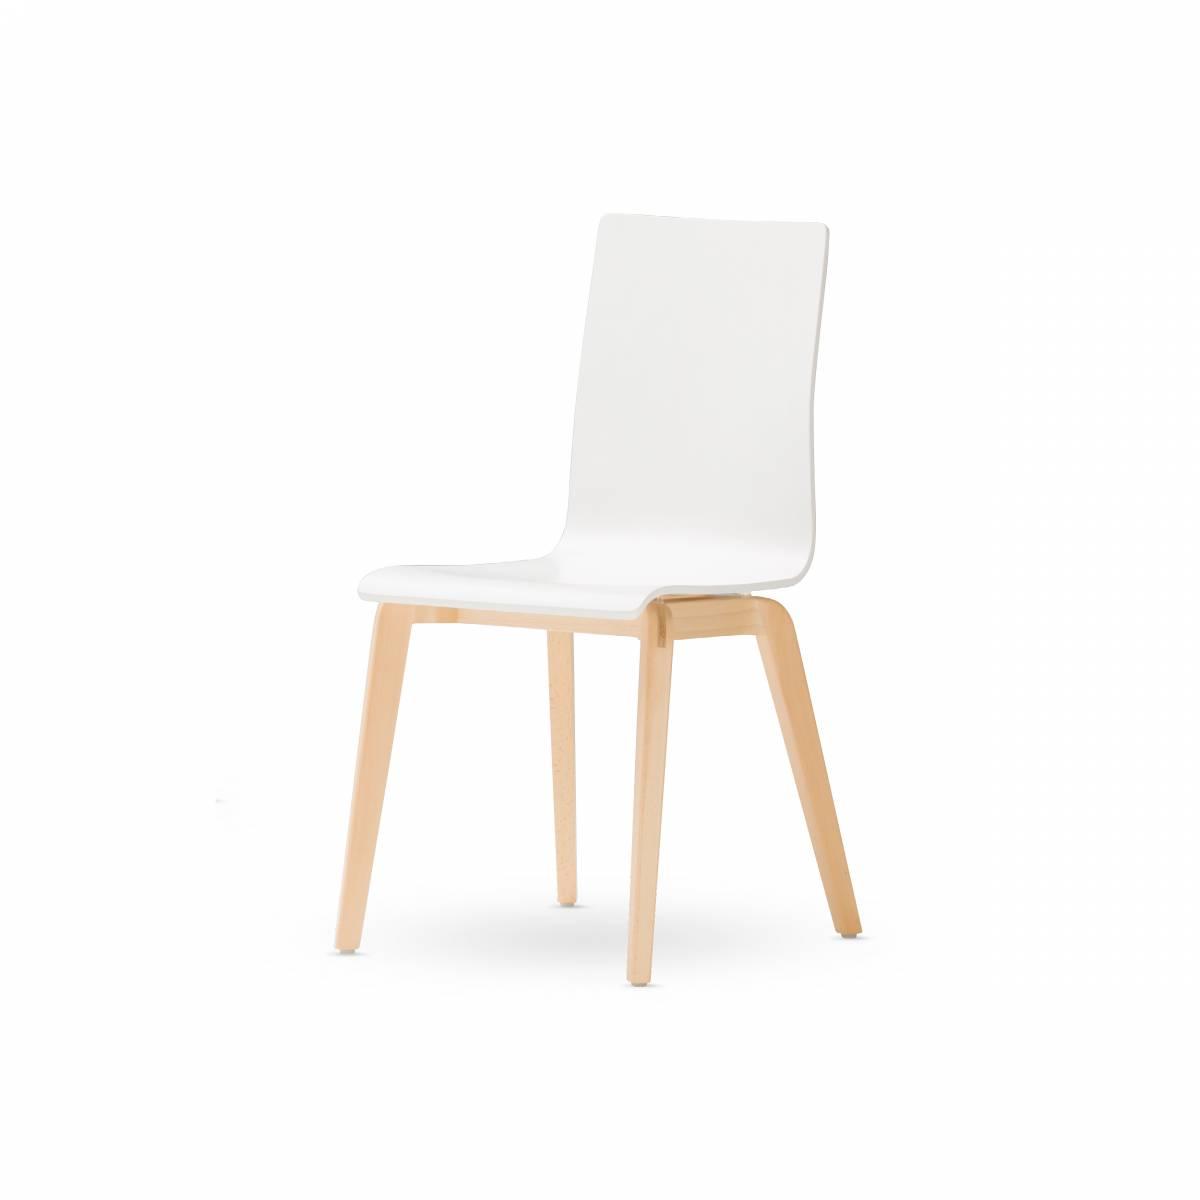 Chaise pied bois massif naturel avec coque stratifiée peinte en blanc sur Gemenos